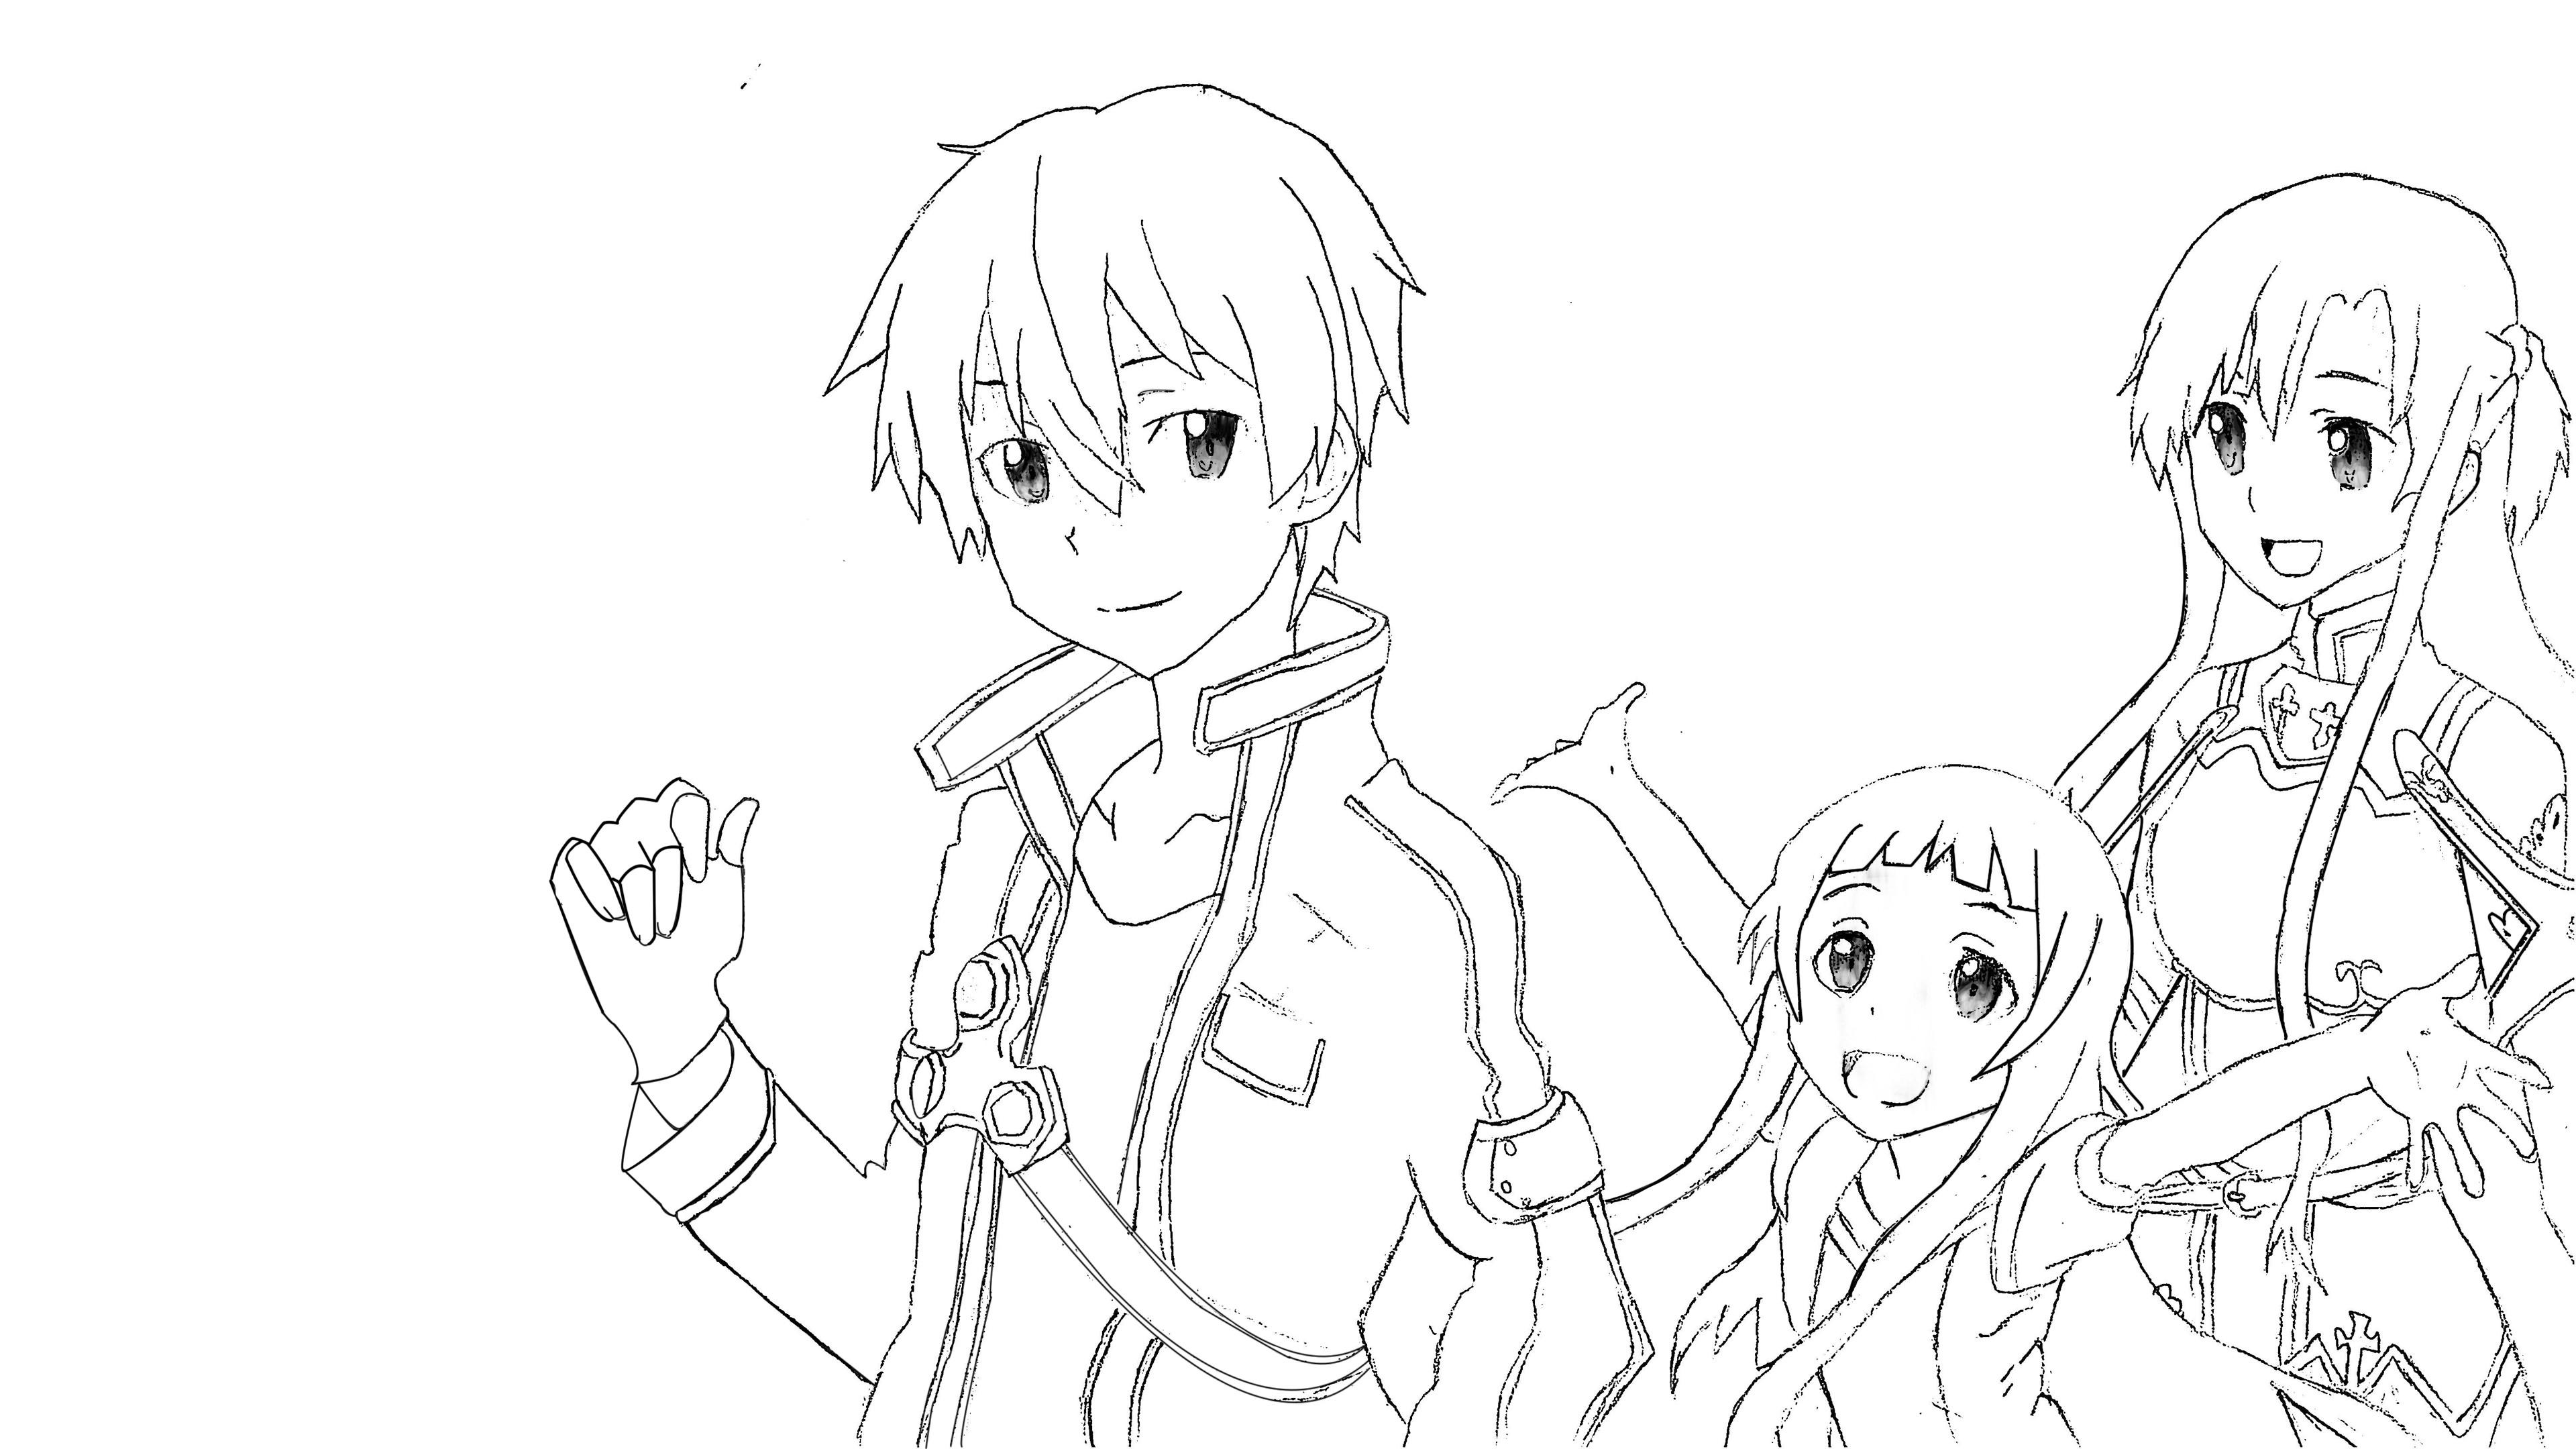 3840x2160 Kirito Asuna Yui On Kiri A Family Collection Of Sword